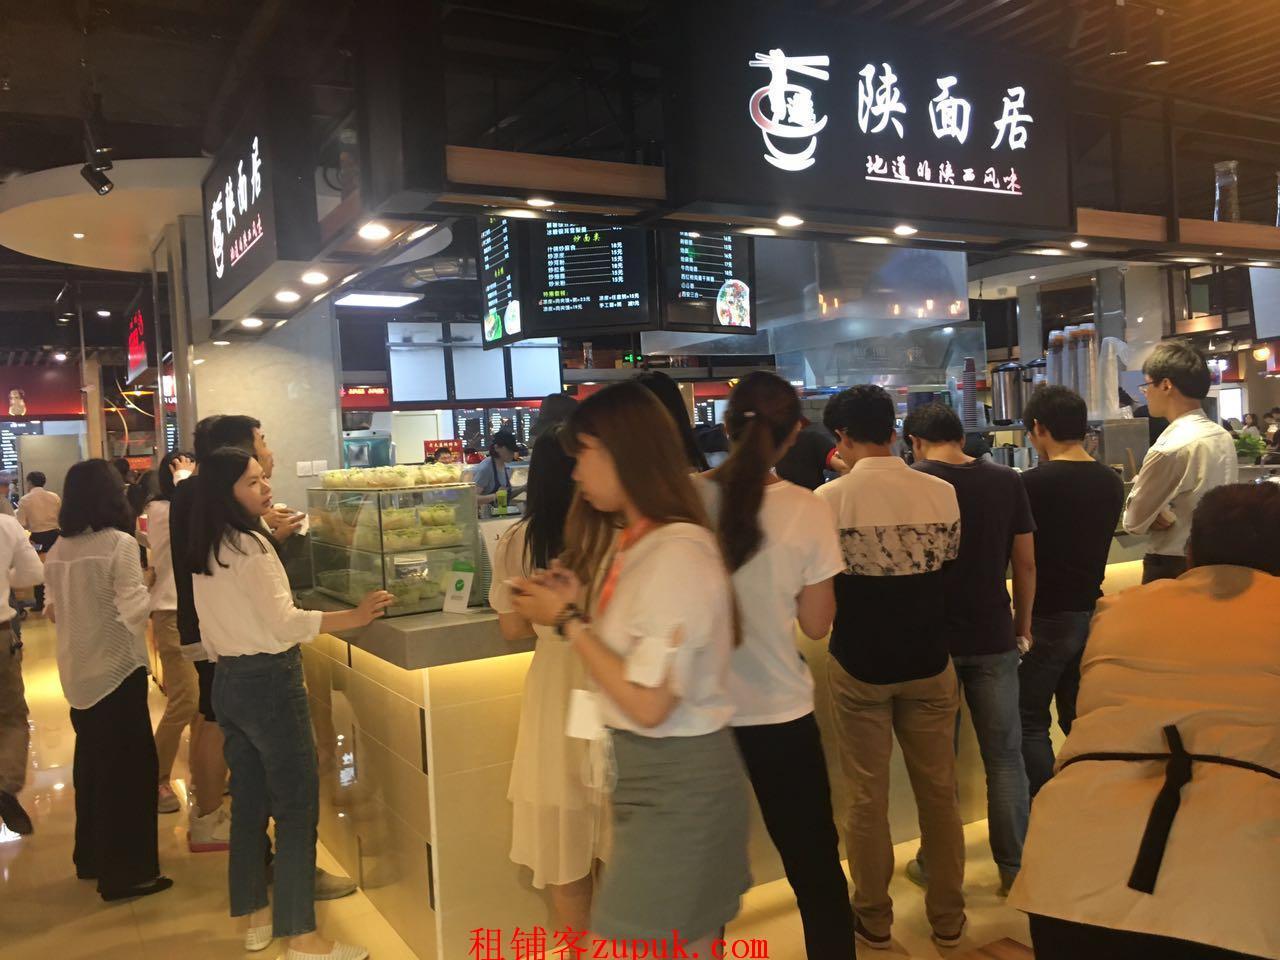 沿街重餐饮商铺 业态不限 人挤人地段带执照